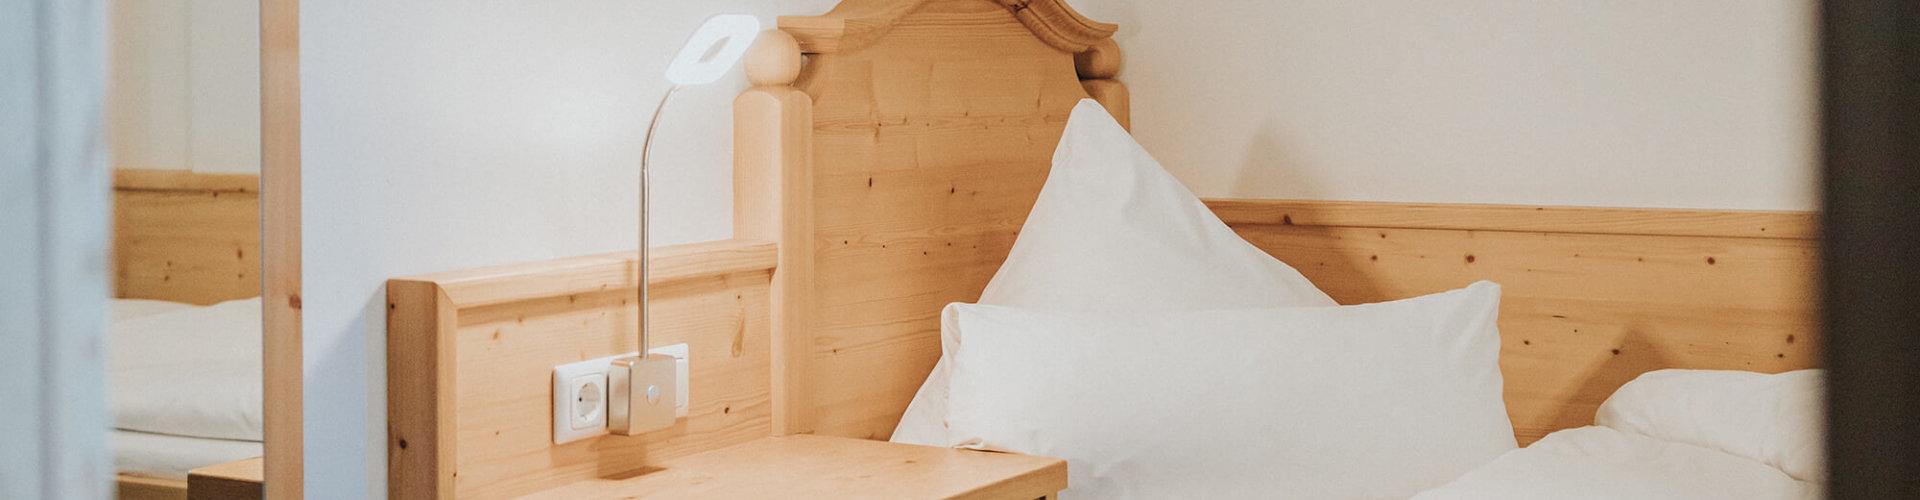 Einzelzimmer Bett